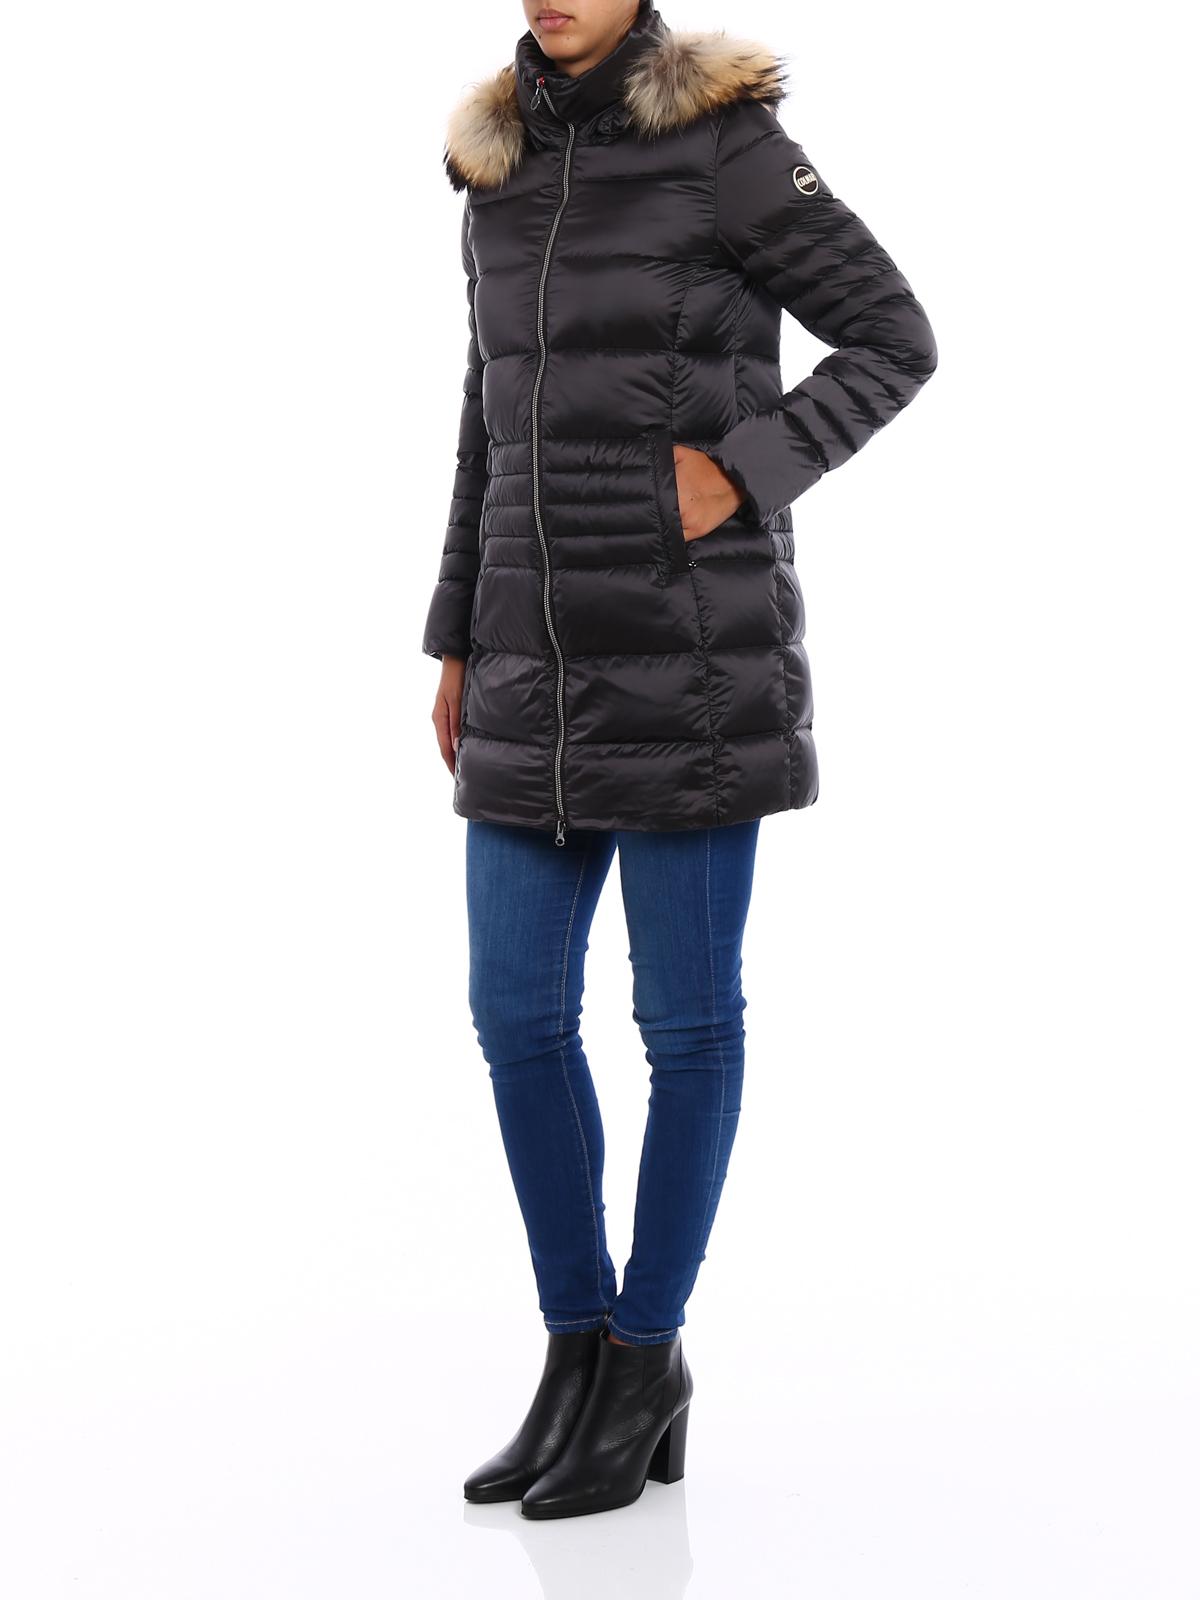 Colmar Originals Piumino Odissey con pelliccia cappotti